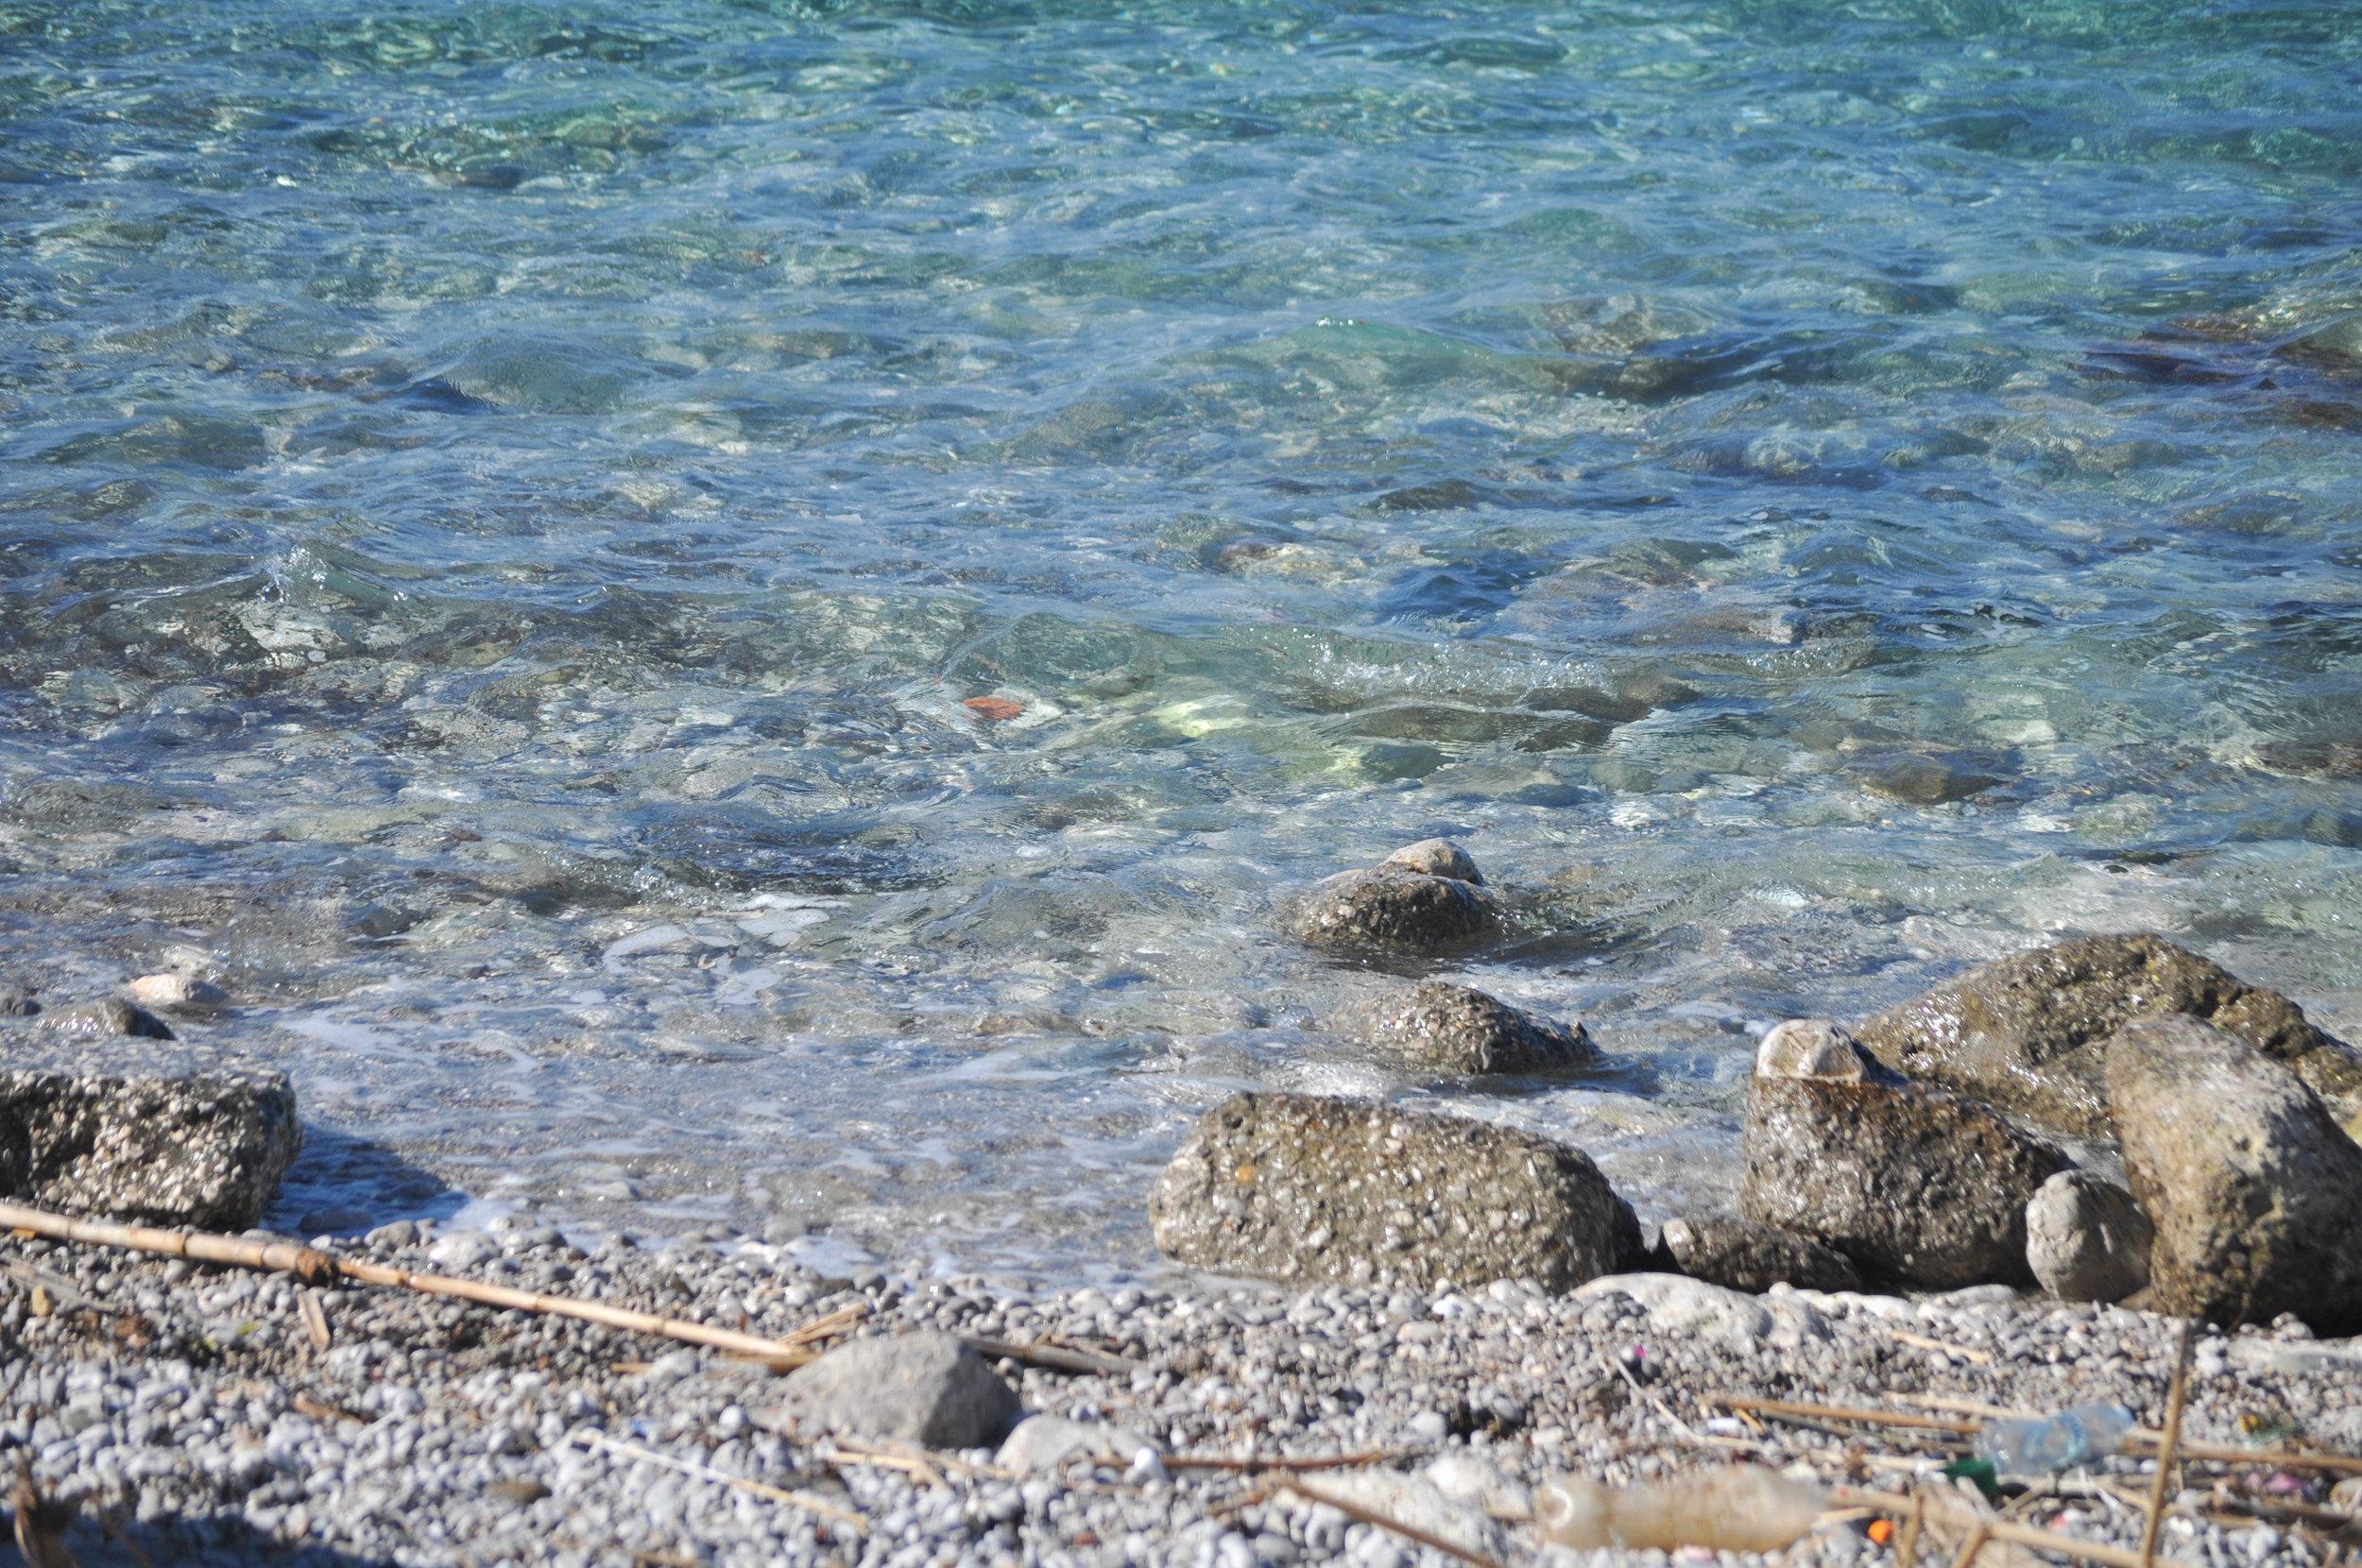 AmalfiCapriPompeii-62.jpg